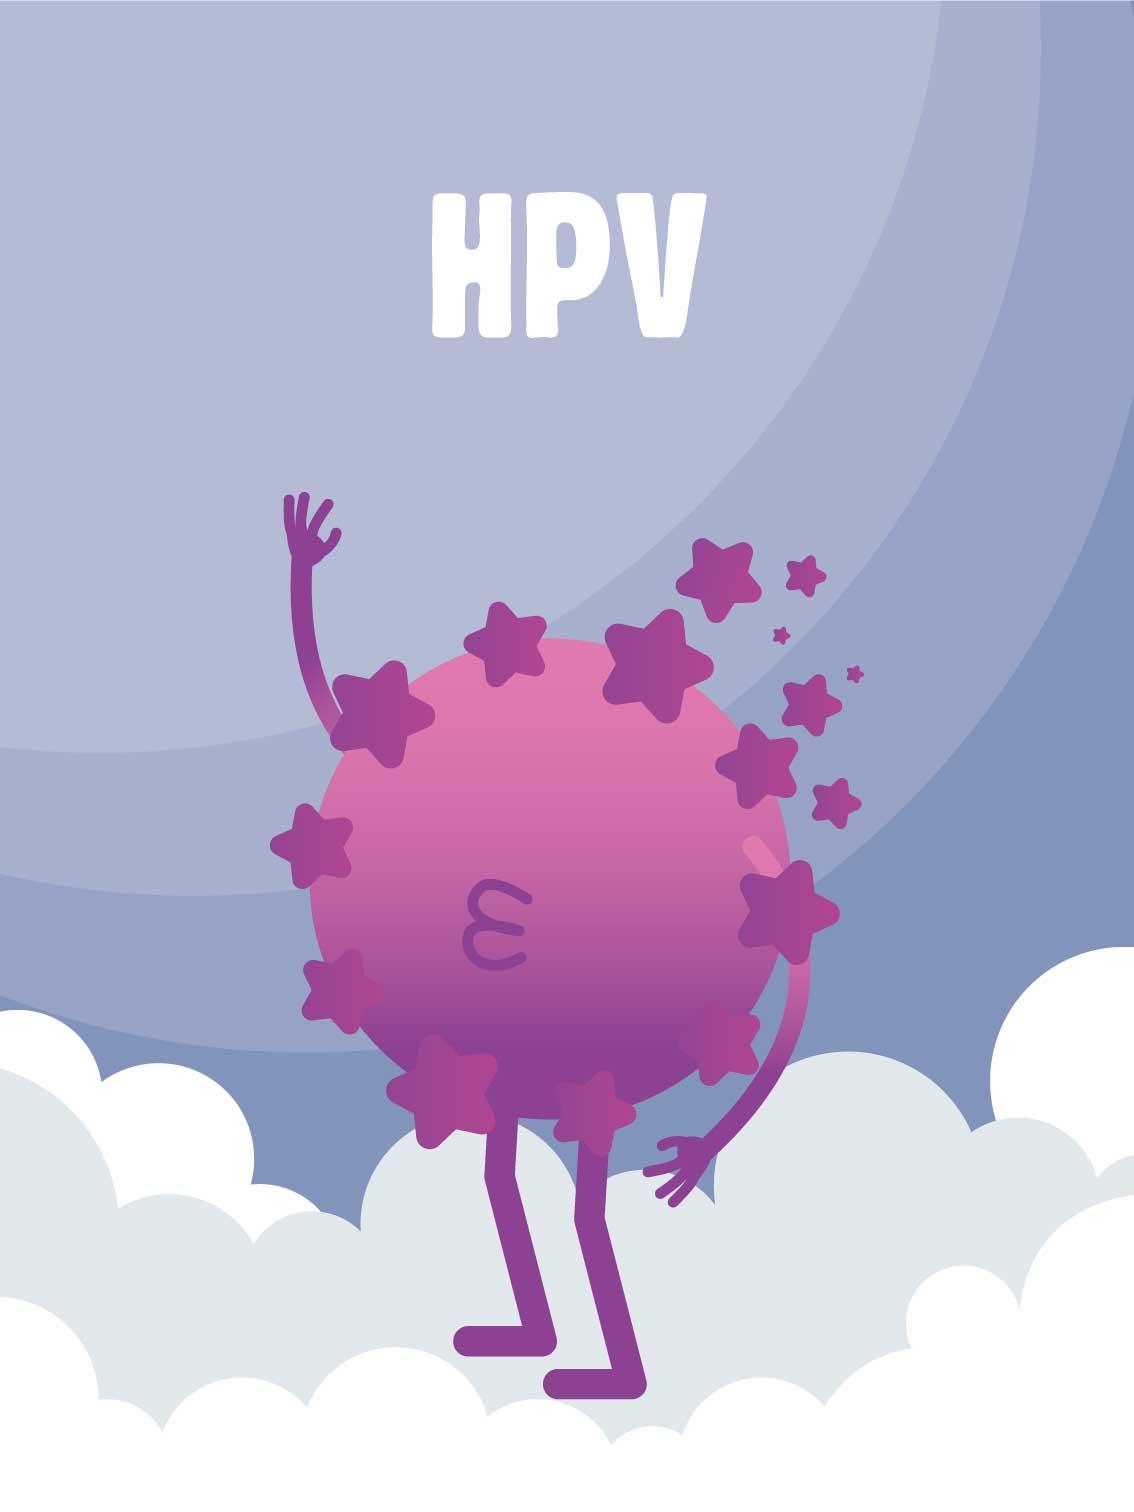 hpv chez l homme risques Este posibilă îndepărtarea papilomelor din inghinal?